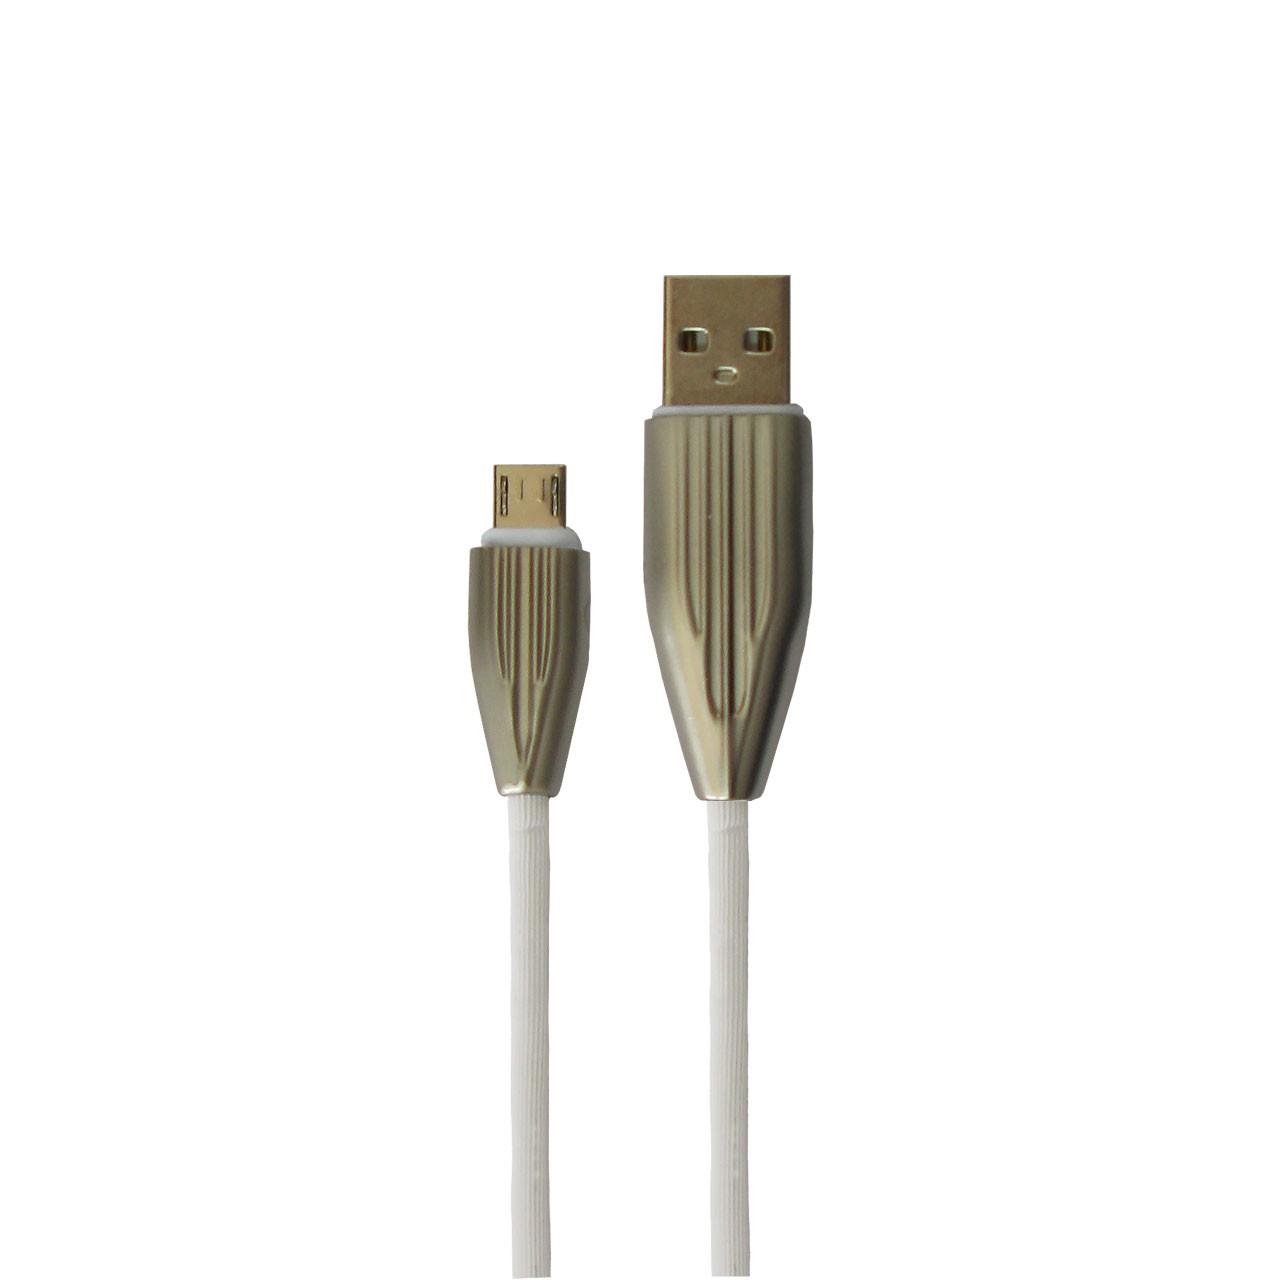 کابل تبدیل USB به microUSB موکسوم مدل CC-27